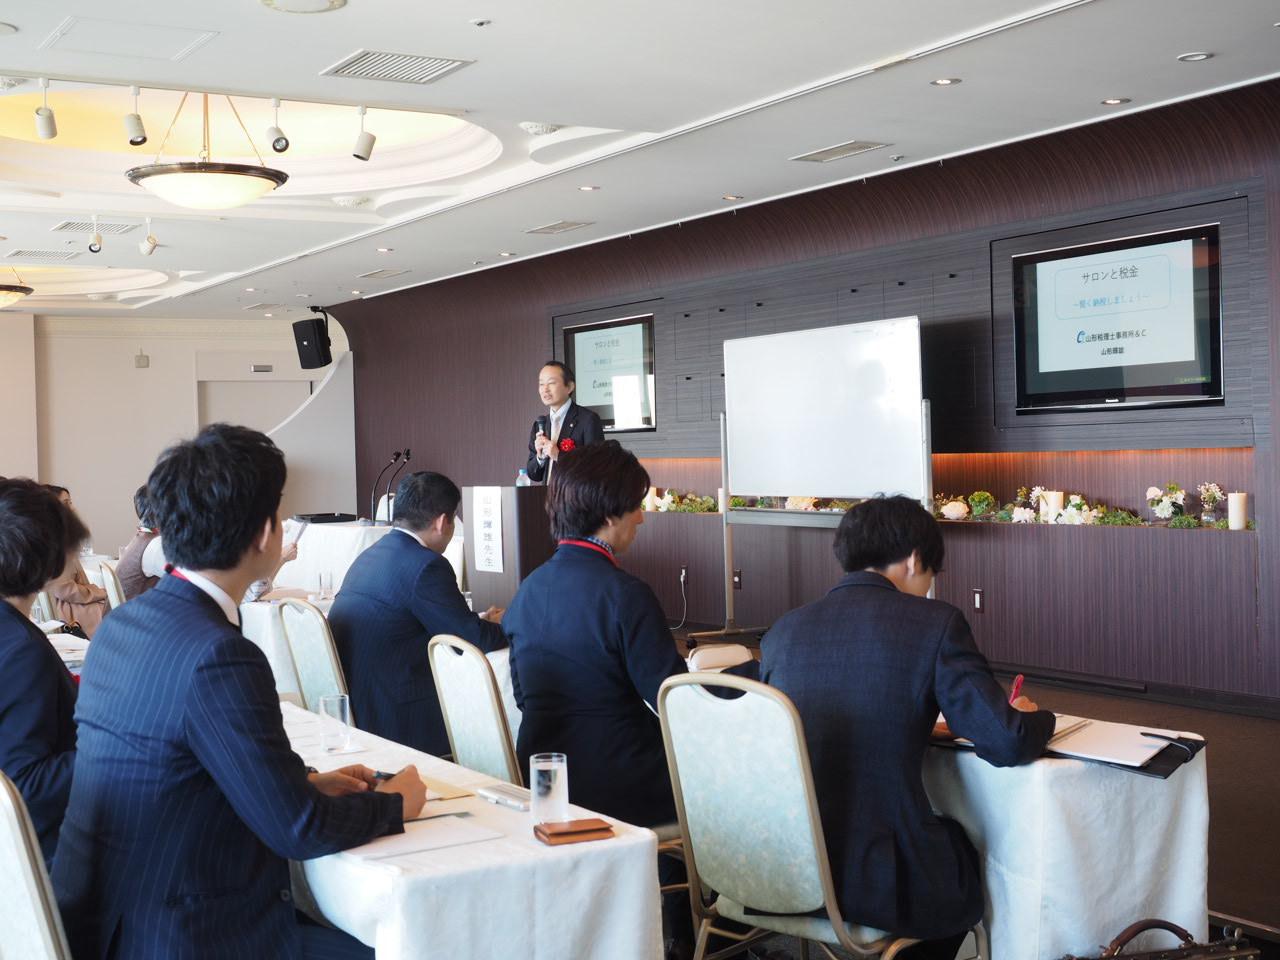 39周年★日本脱毛技術研究学会の総会と勉強会に行ってきました _f0135940_23313108.jpg